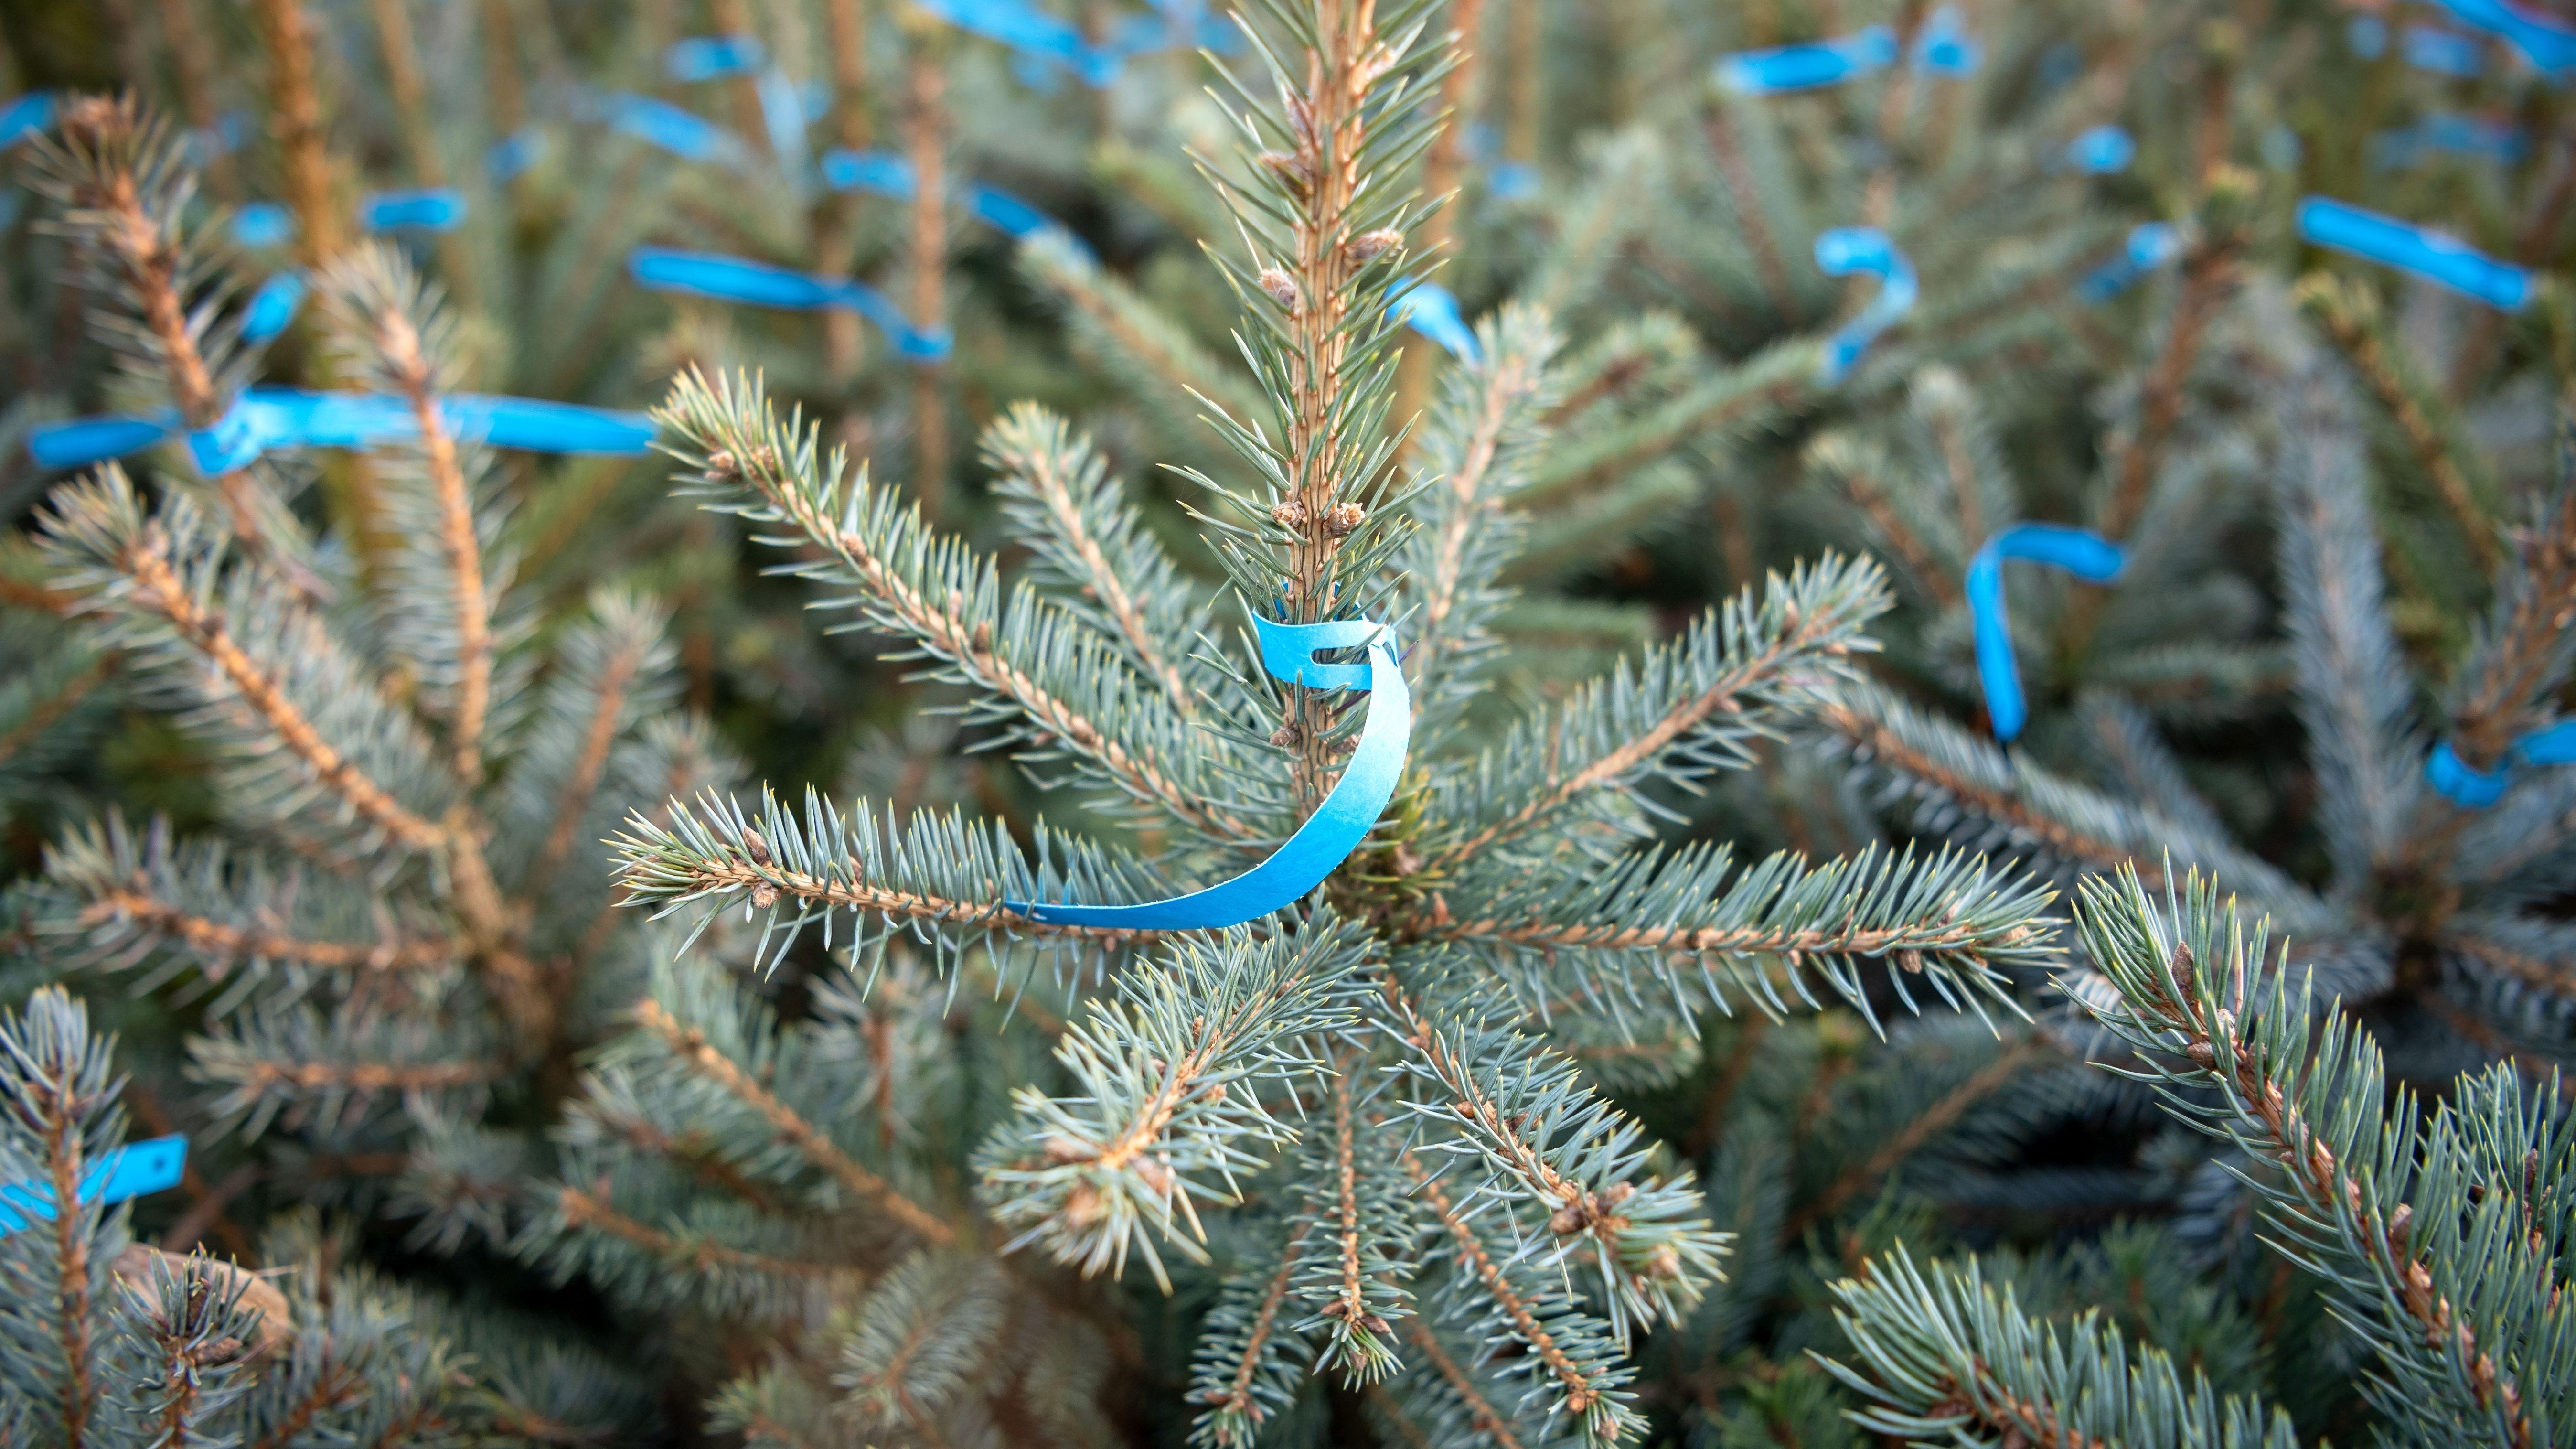 Christbaum mit blauem Etikett